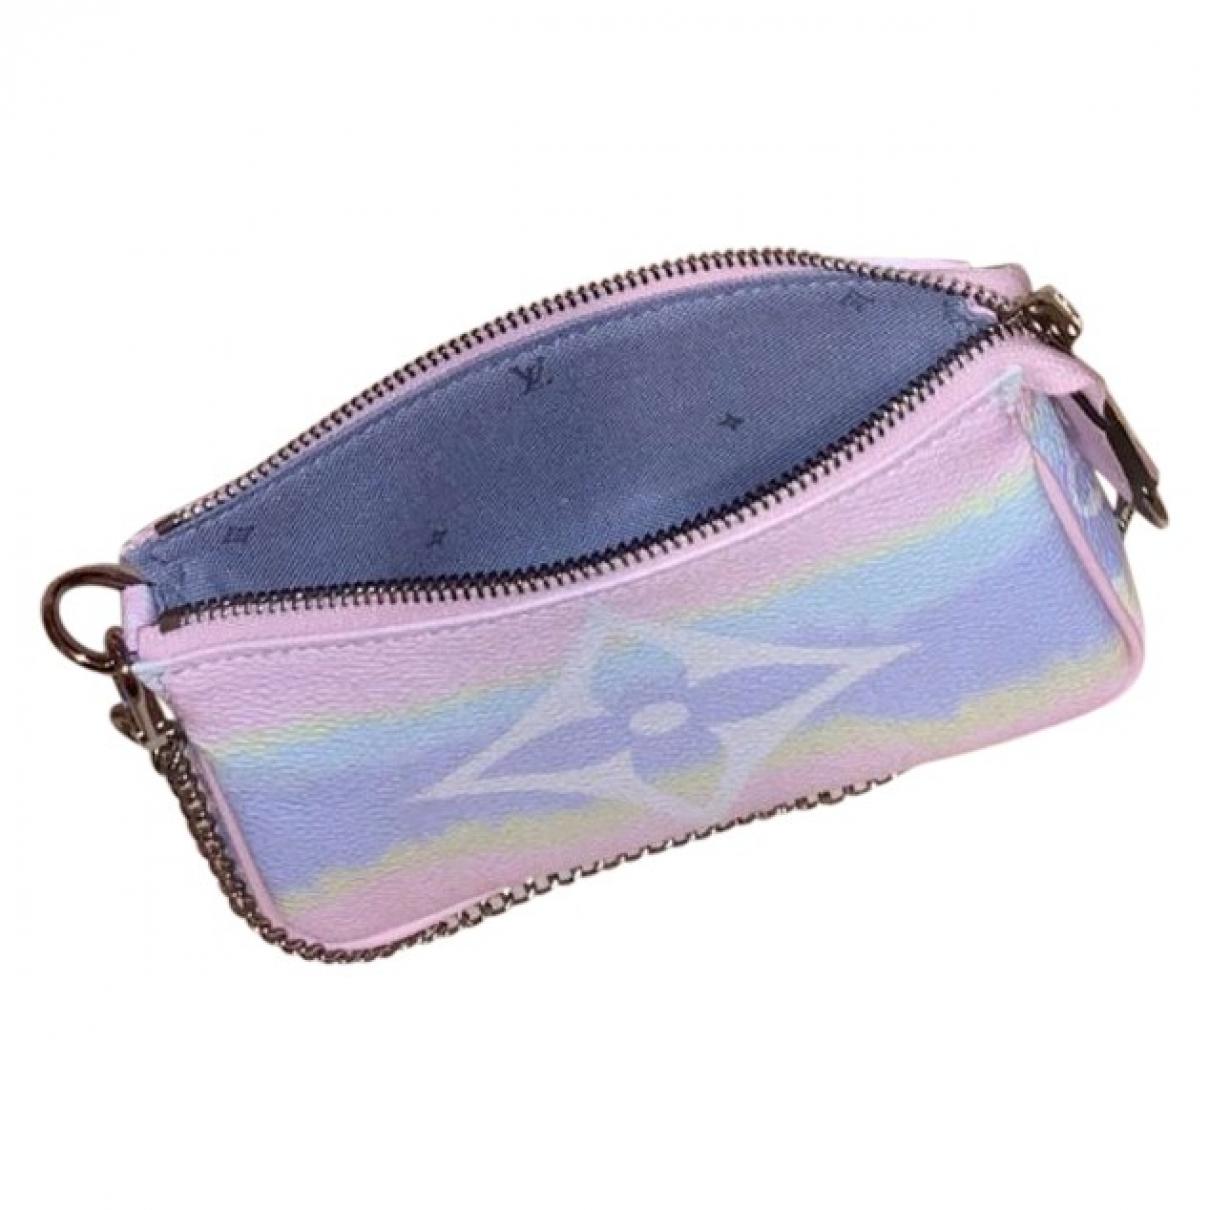 Louis Vuitton Pochette Accessoire Pink Cloth Clutch bag for Women \N